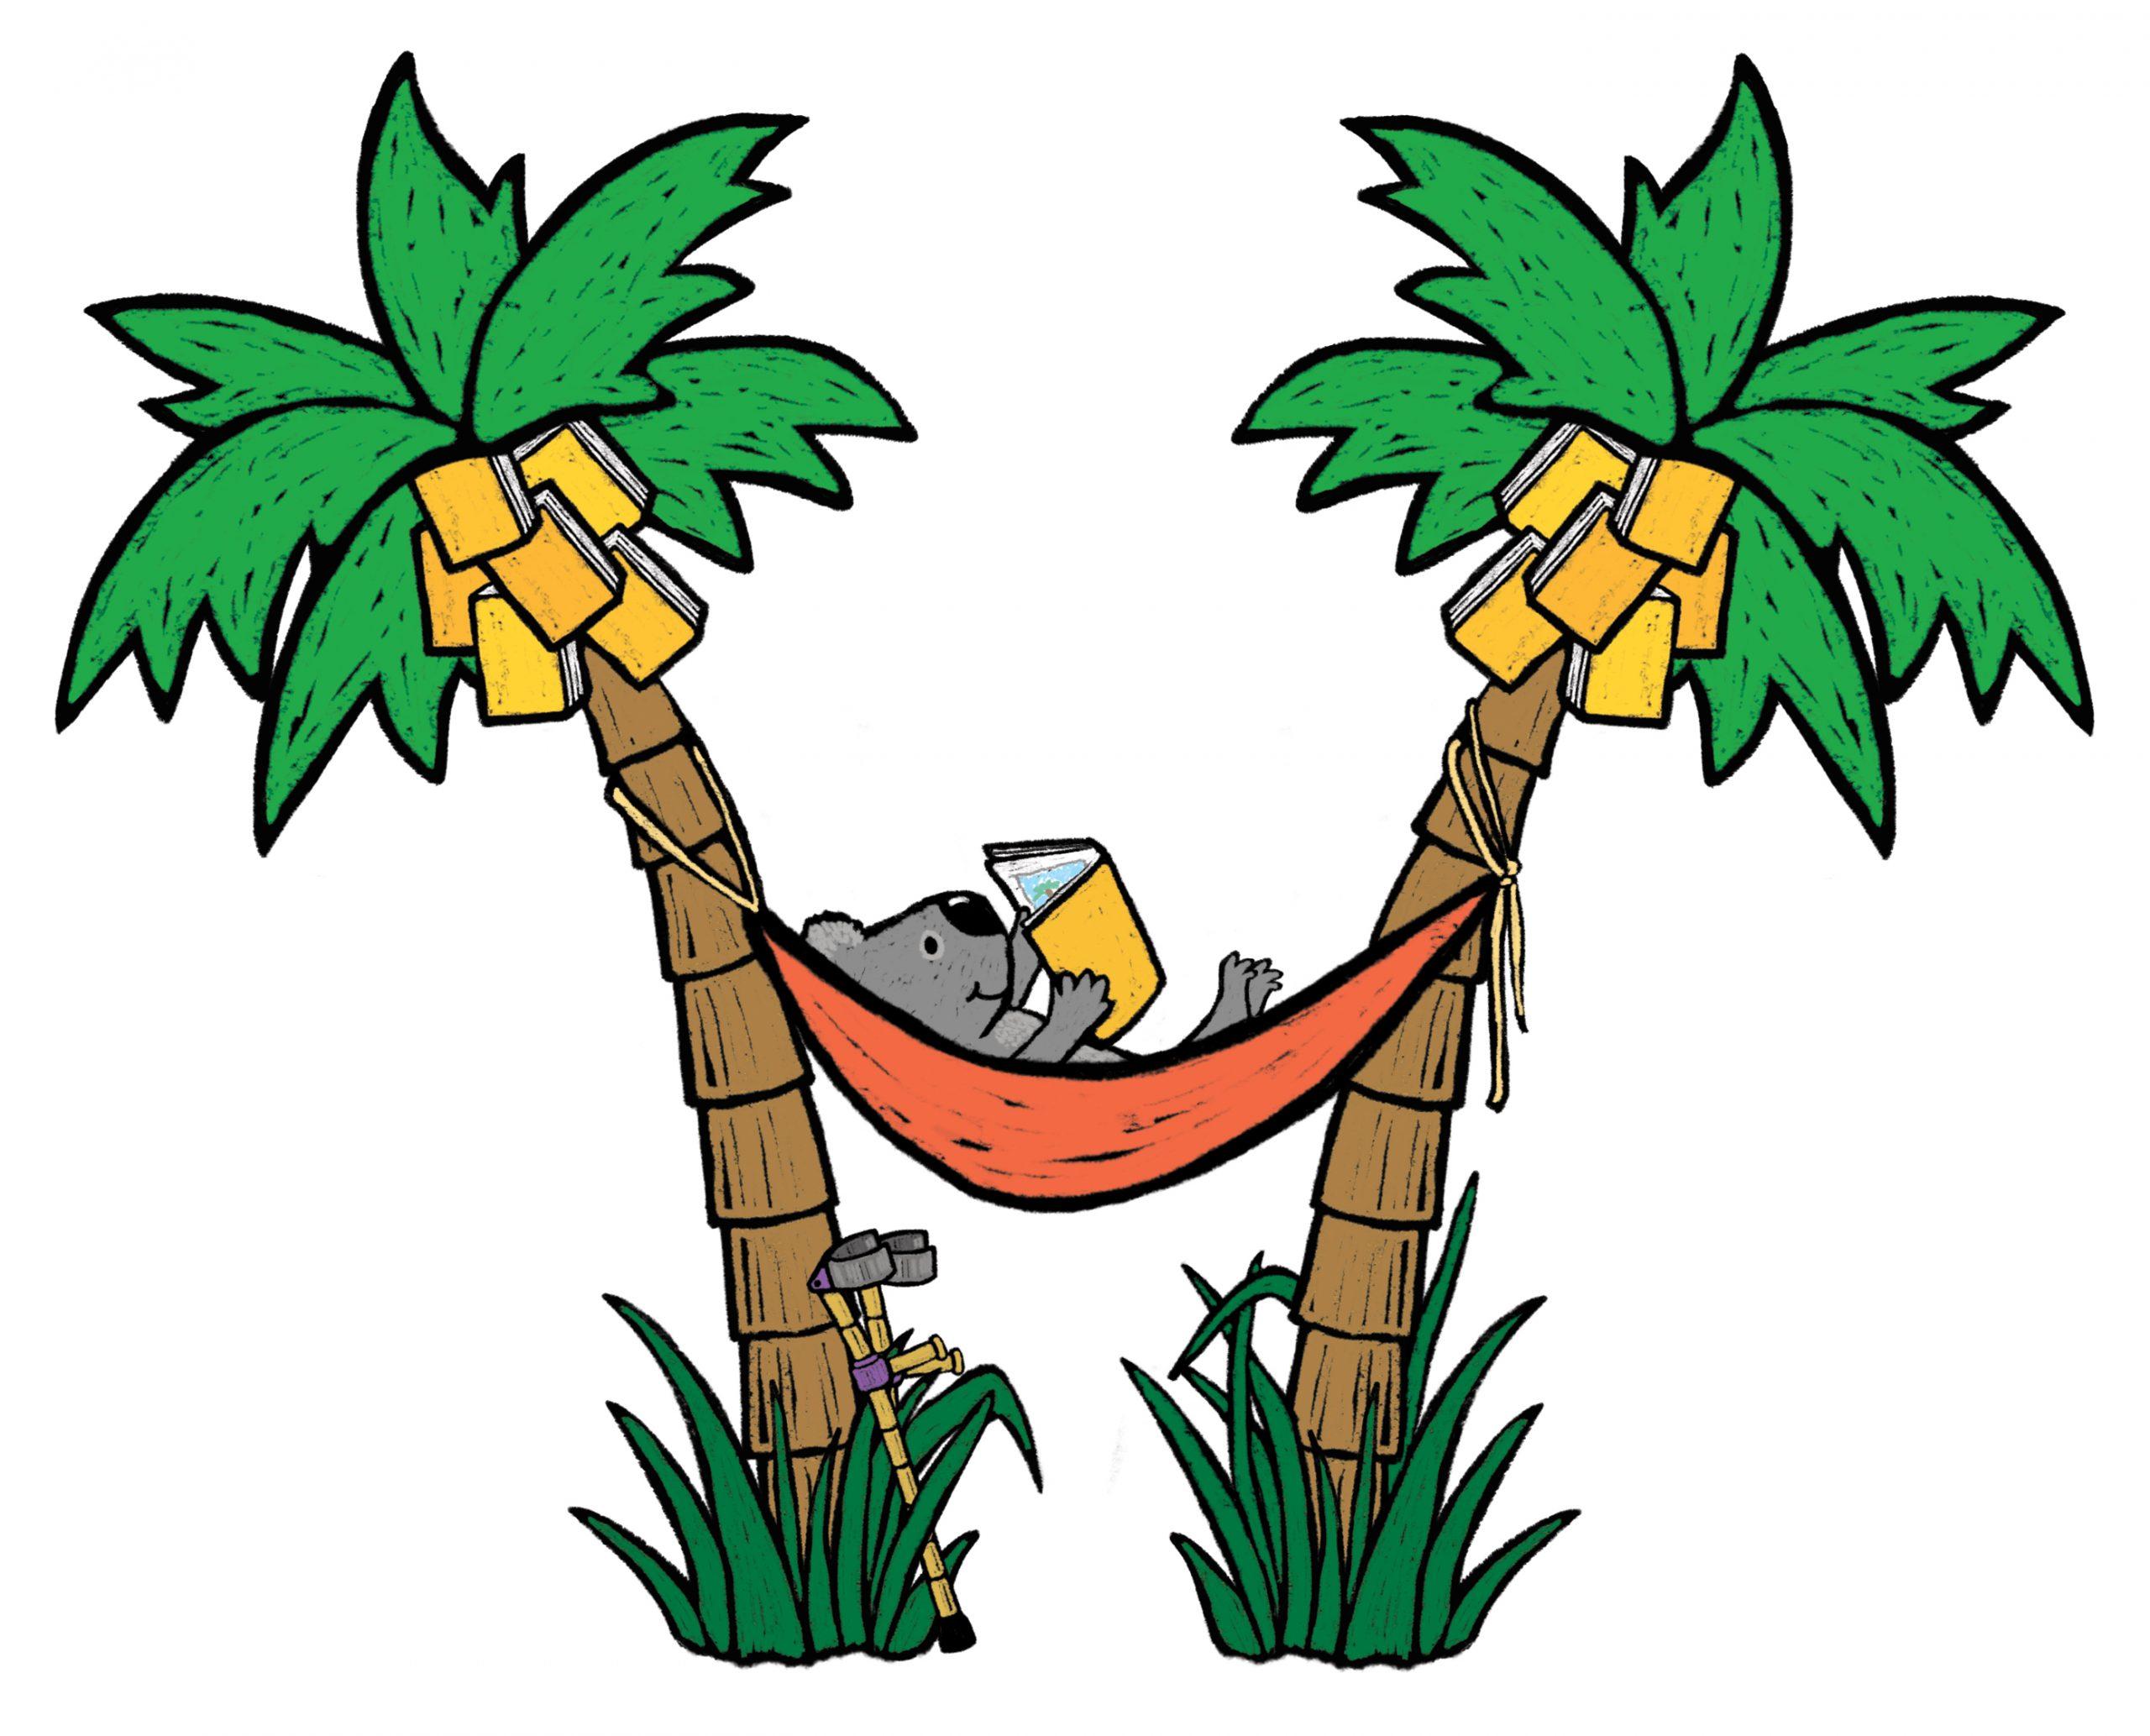 koala in a hammock between two palm trees